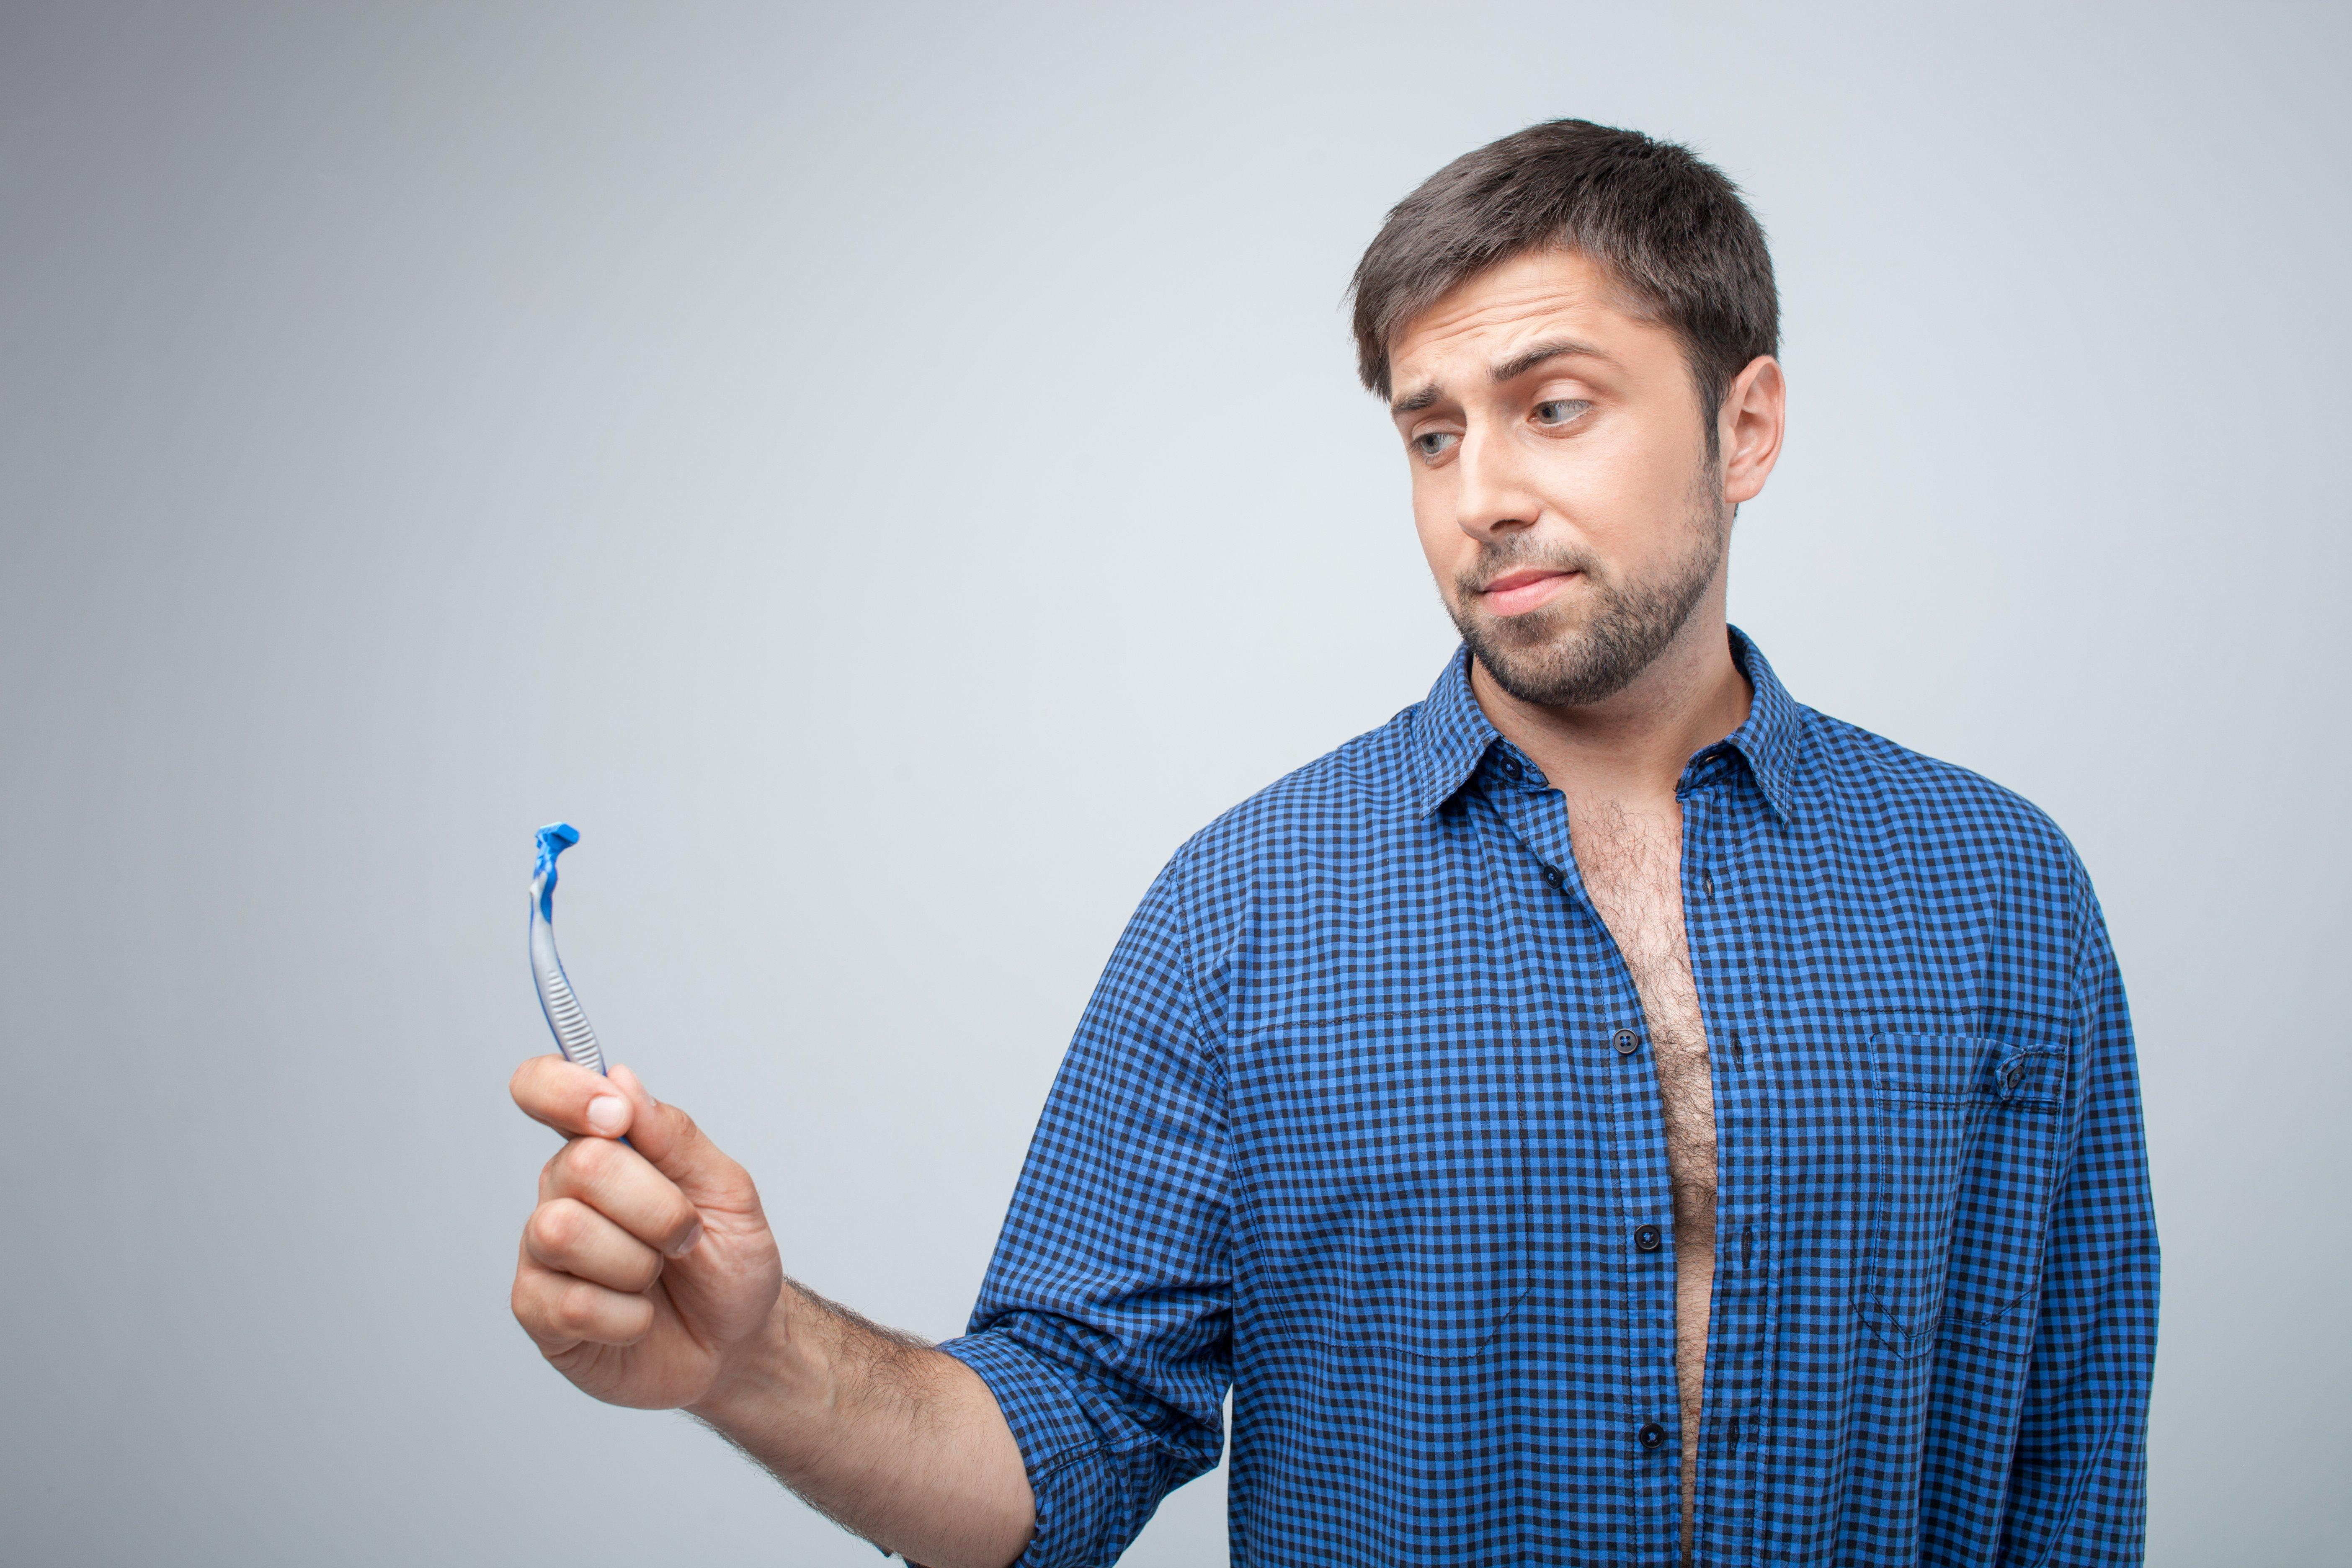 Jak si správně oholit koule? A jaká teplota vody je ta správná?